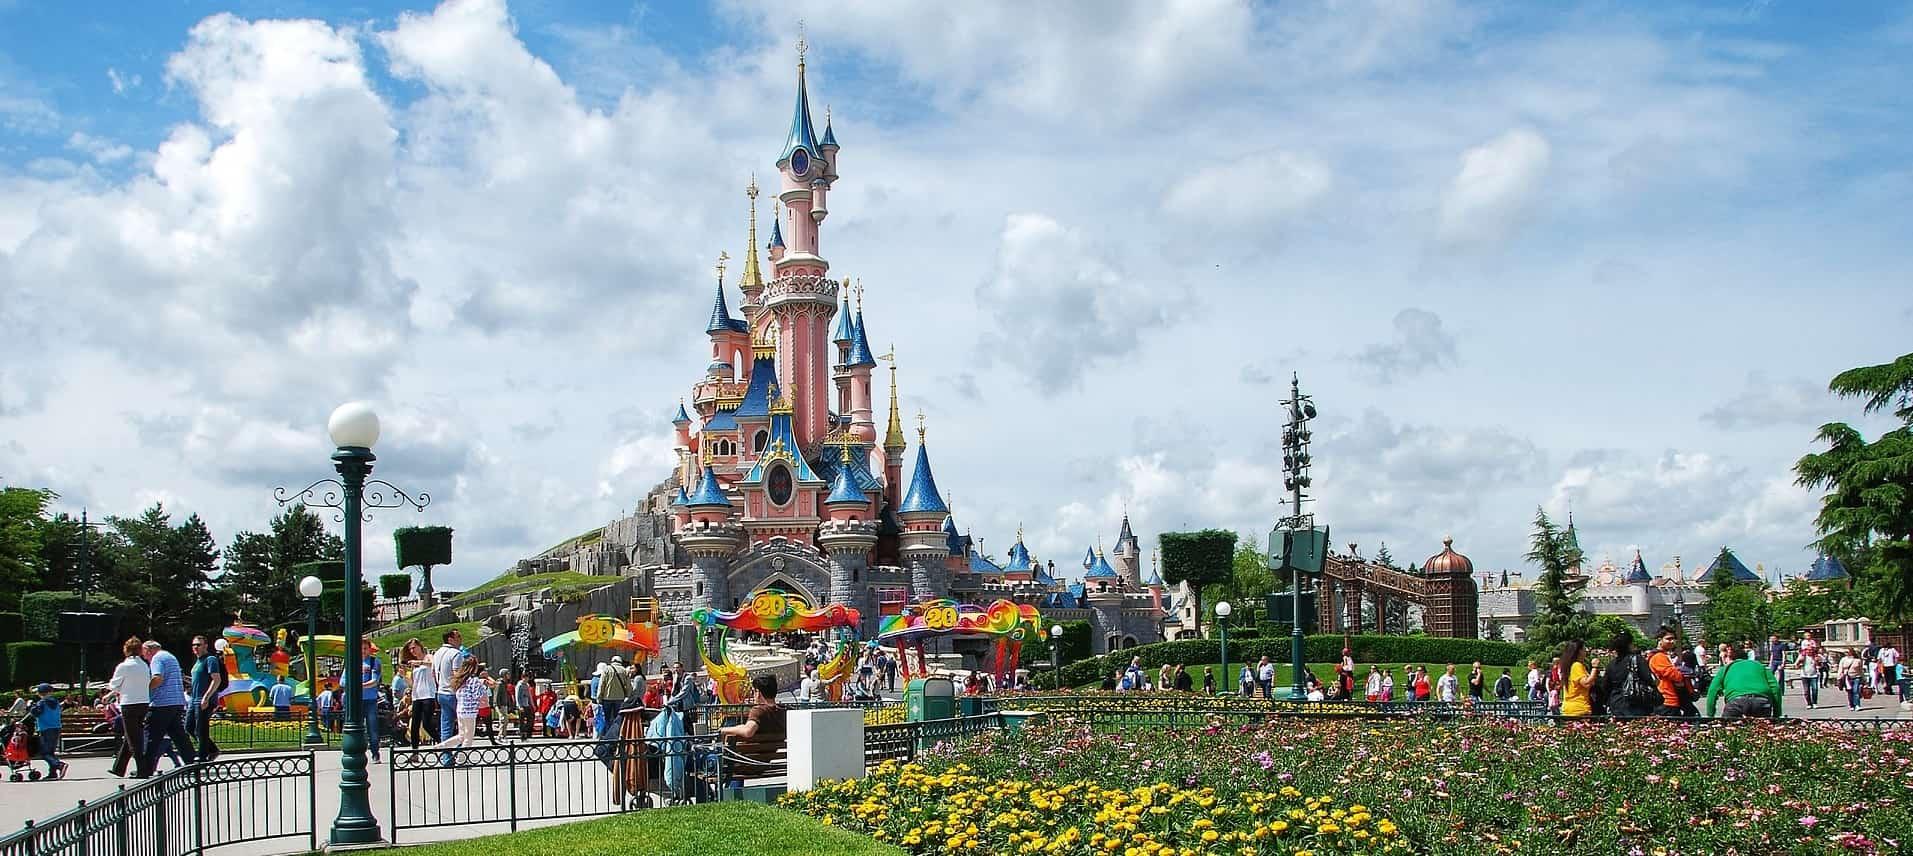 Karte Disneyland Paris Attraktionen.Disneyland Paris Eintritt Tickets Offnungszeiten